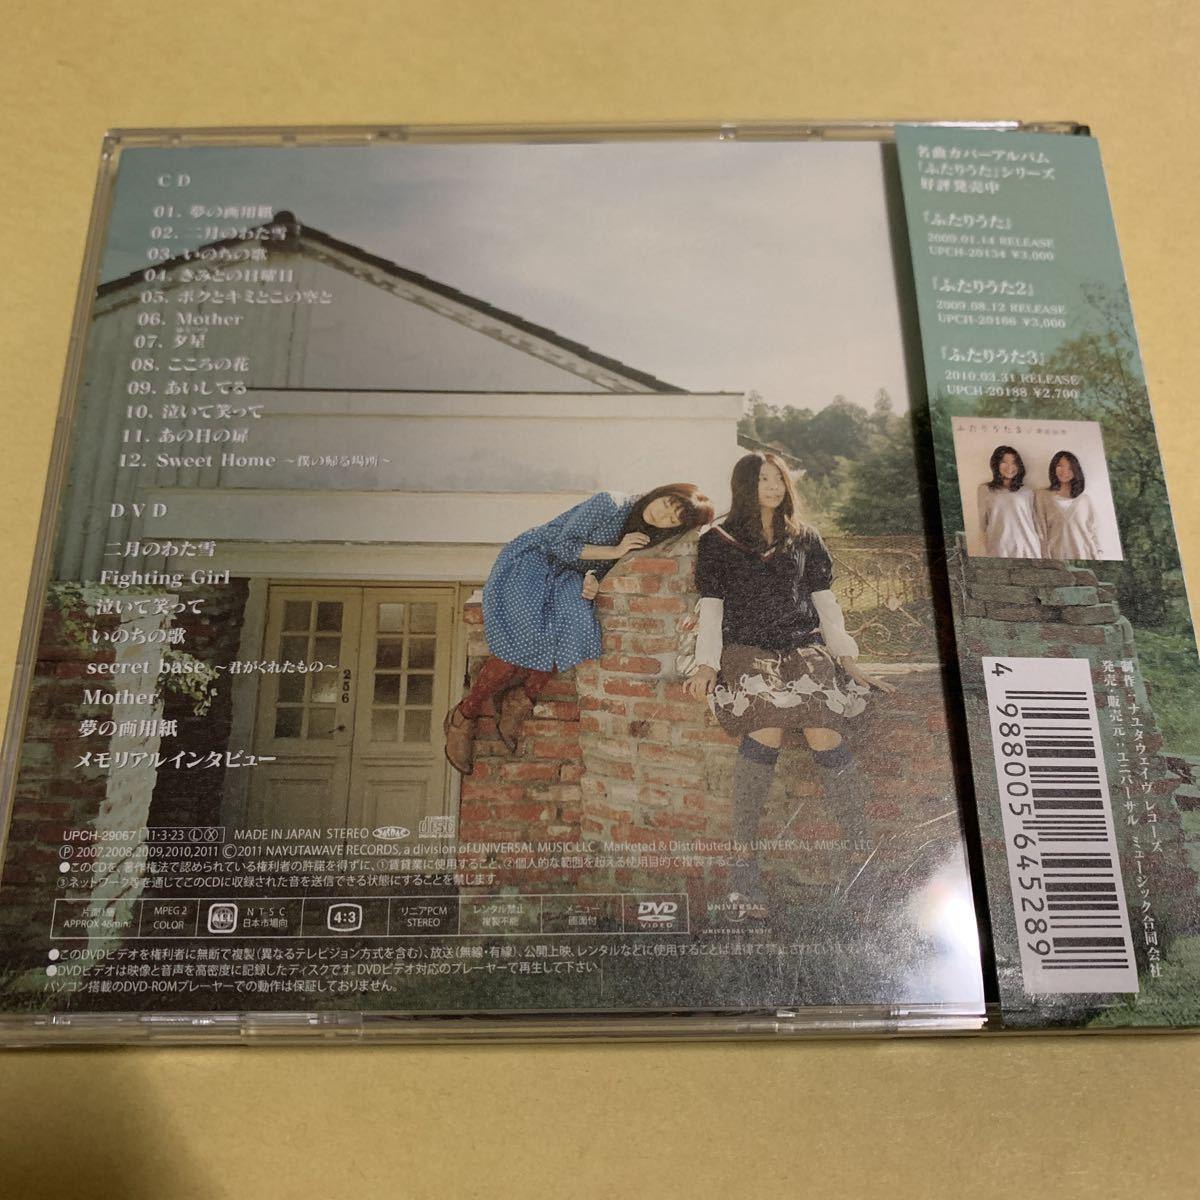 ☆帯付☆美品☆ 茉奈佳奈 / Sweet Home 初回限定盤 CD+DVD_画像2